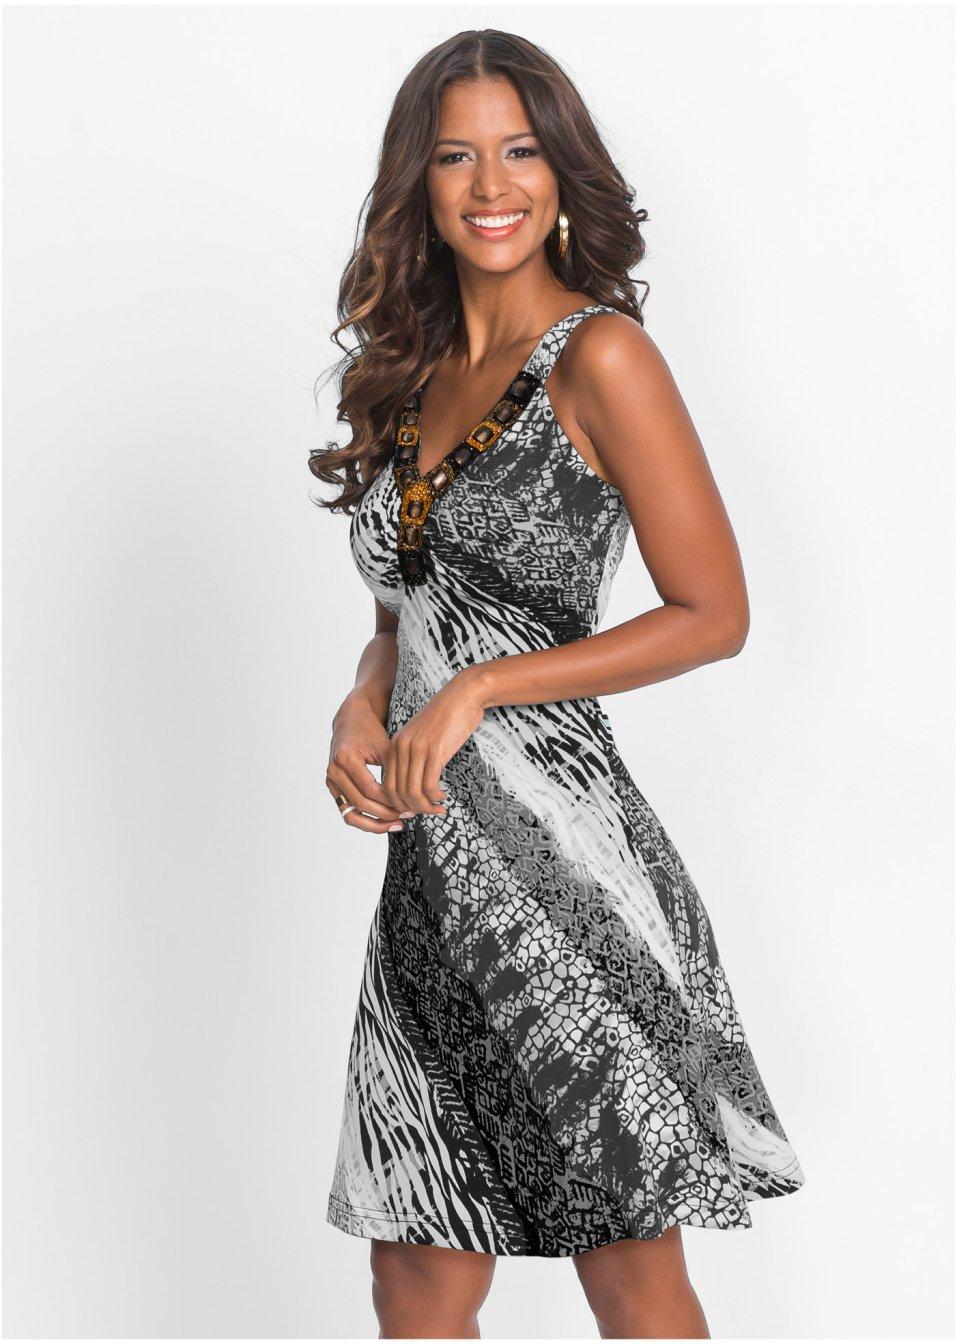 e3c564b1b315 Sommerkleid schwarz weiß gemustert - BODYFLIRT boutique online kaufen -  bonprix.de